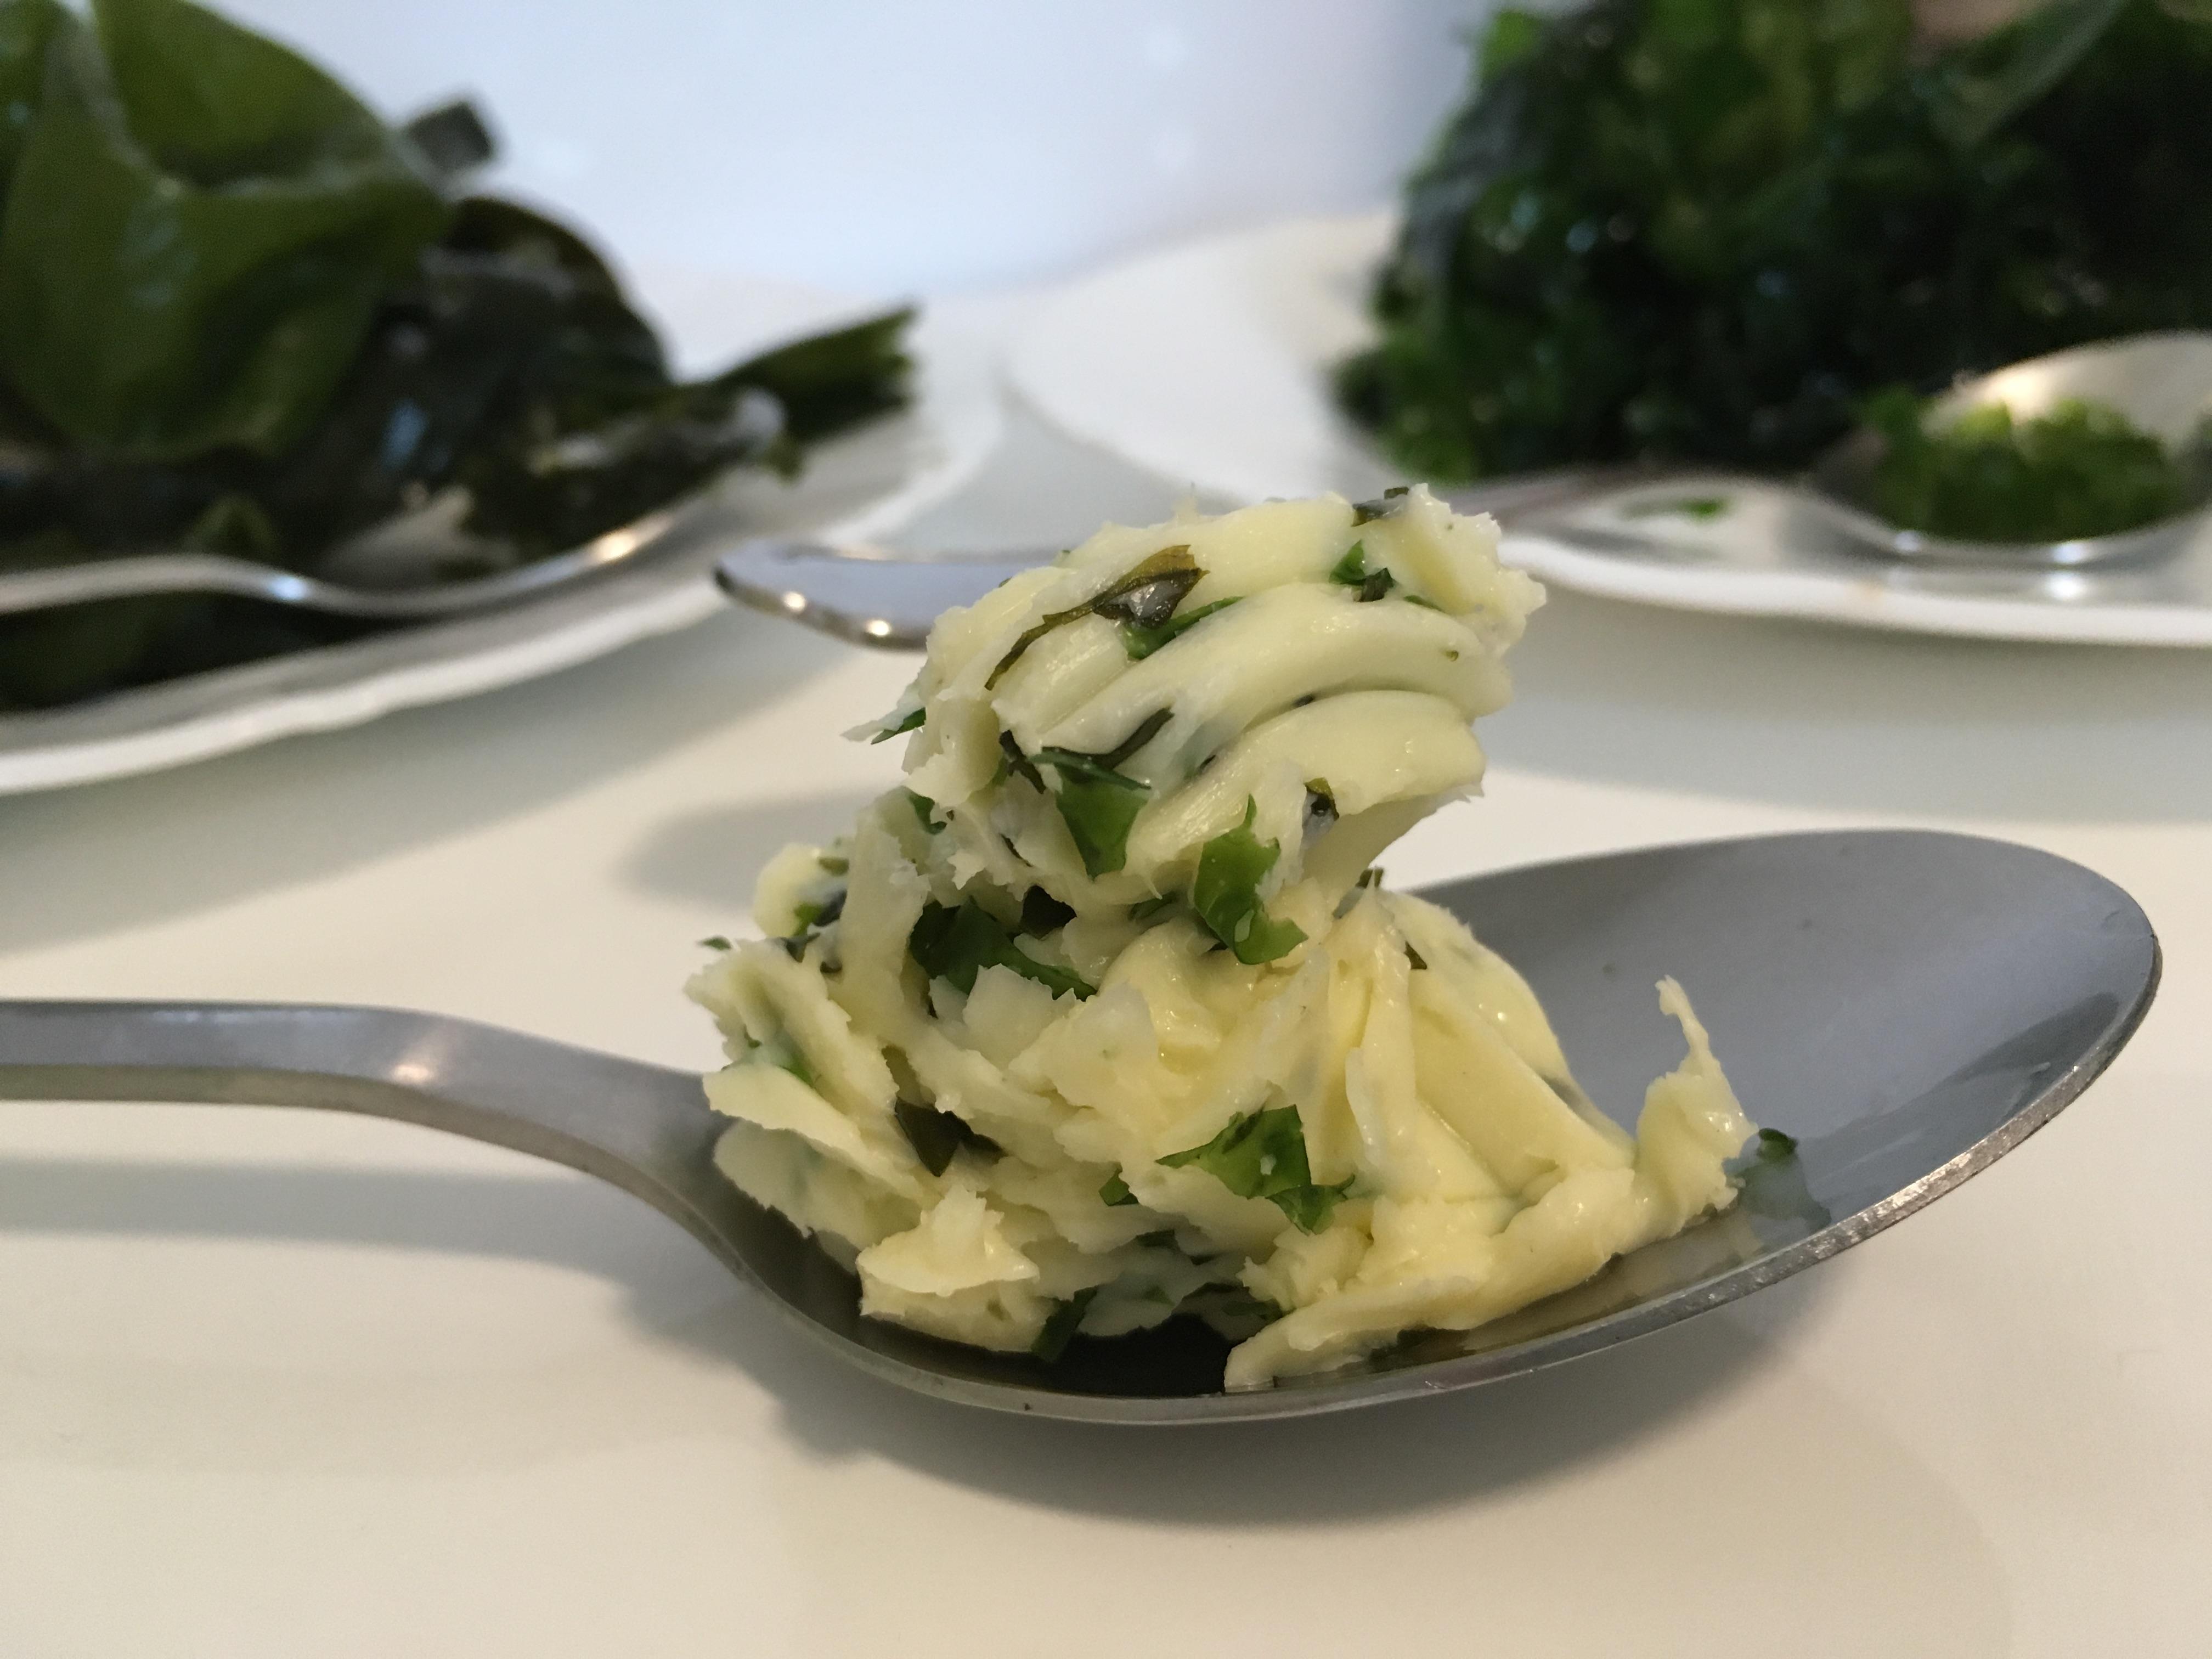 Beurre aux 2 algues, Sibylle Naud, Diététique des Sables, Les Sables d'Olonne